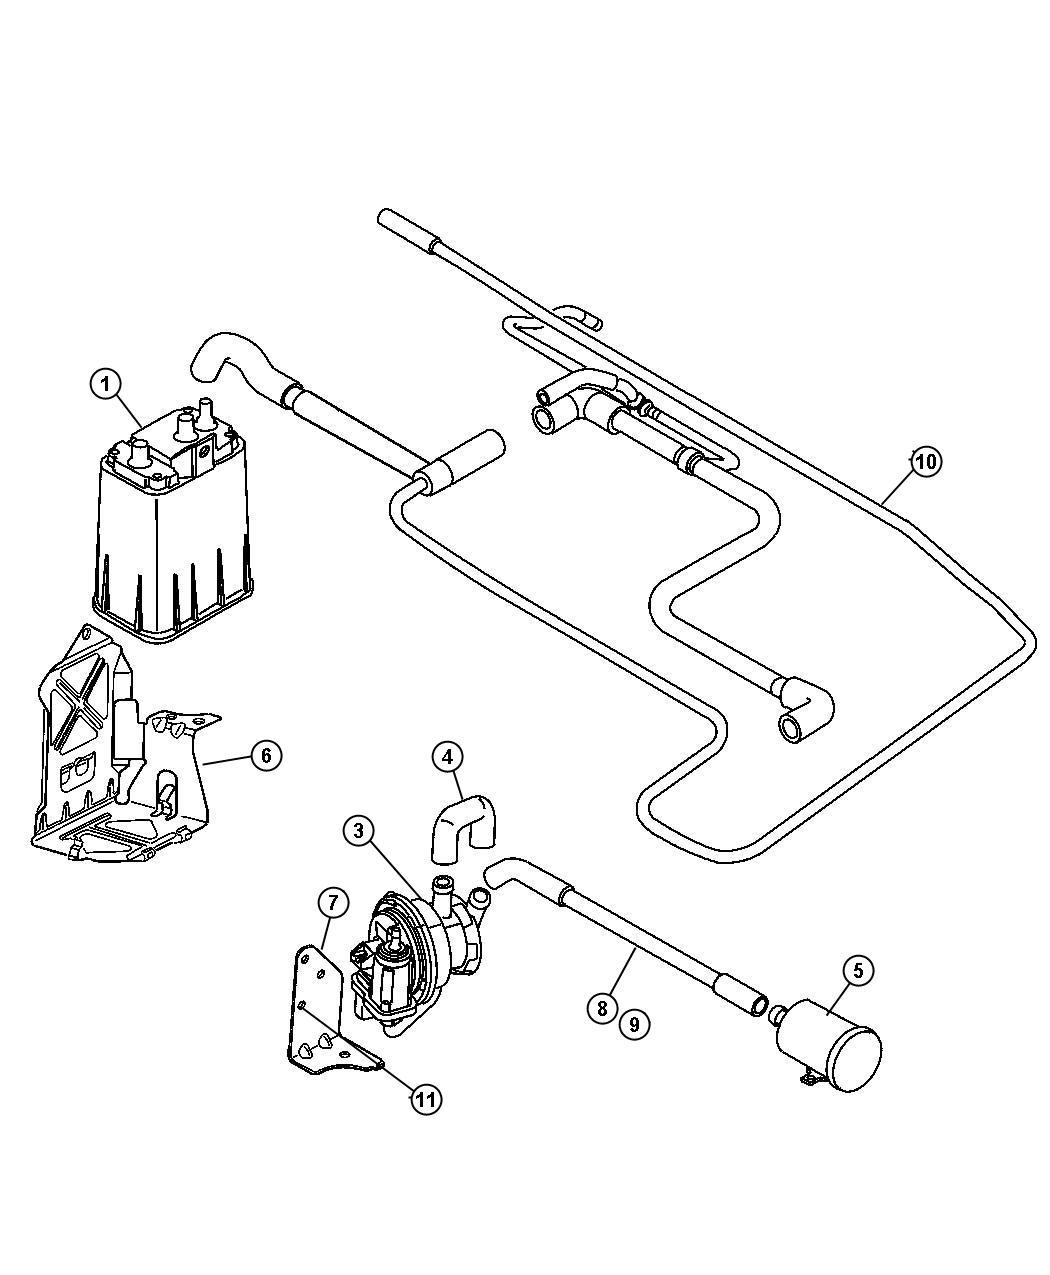 Chrysler Pt Cruiser Tube Nvld To Fuel Vapor Vent